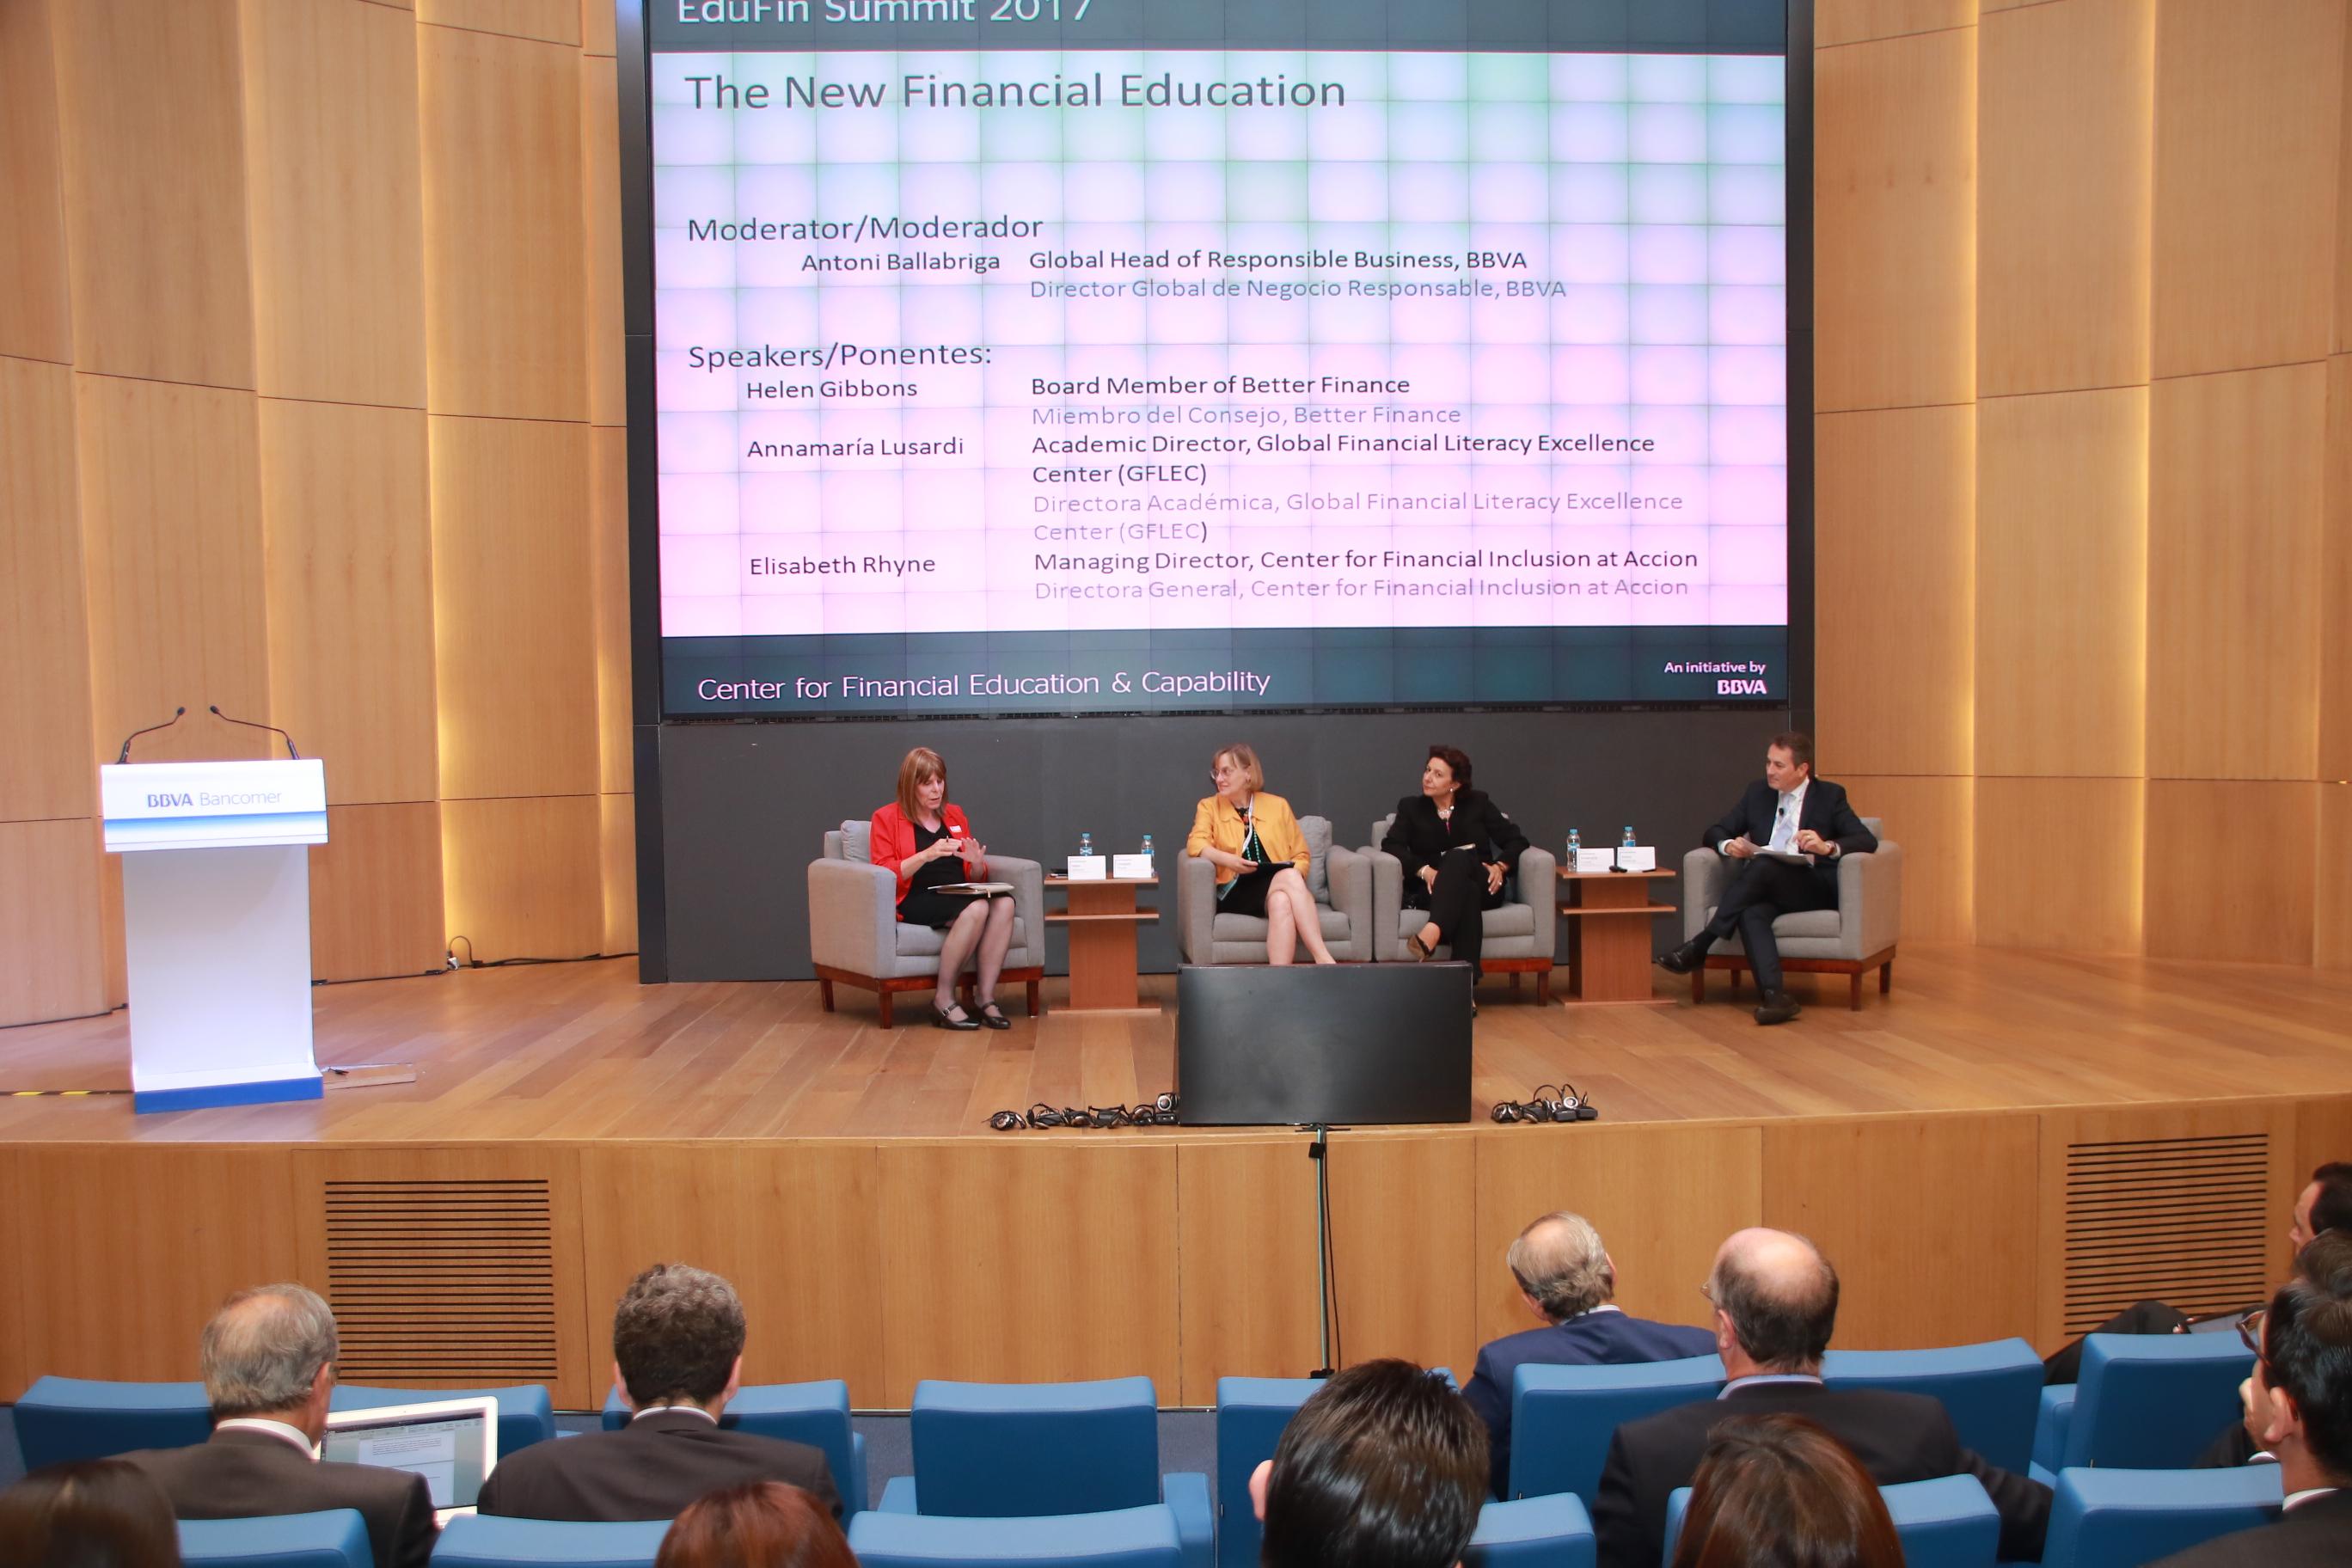 Los panelistas durante la sesión La nueva educación financiera